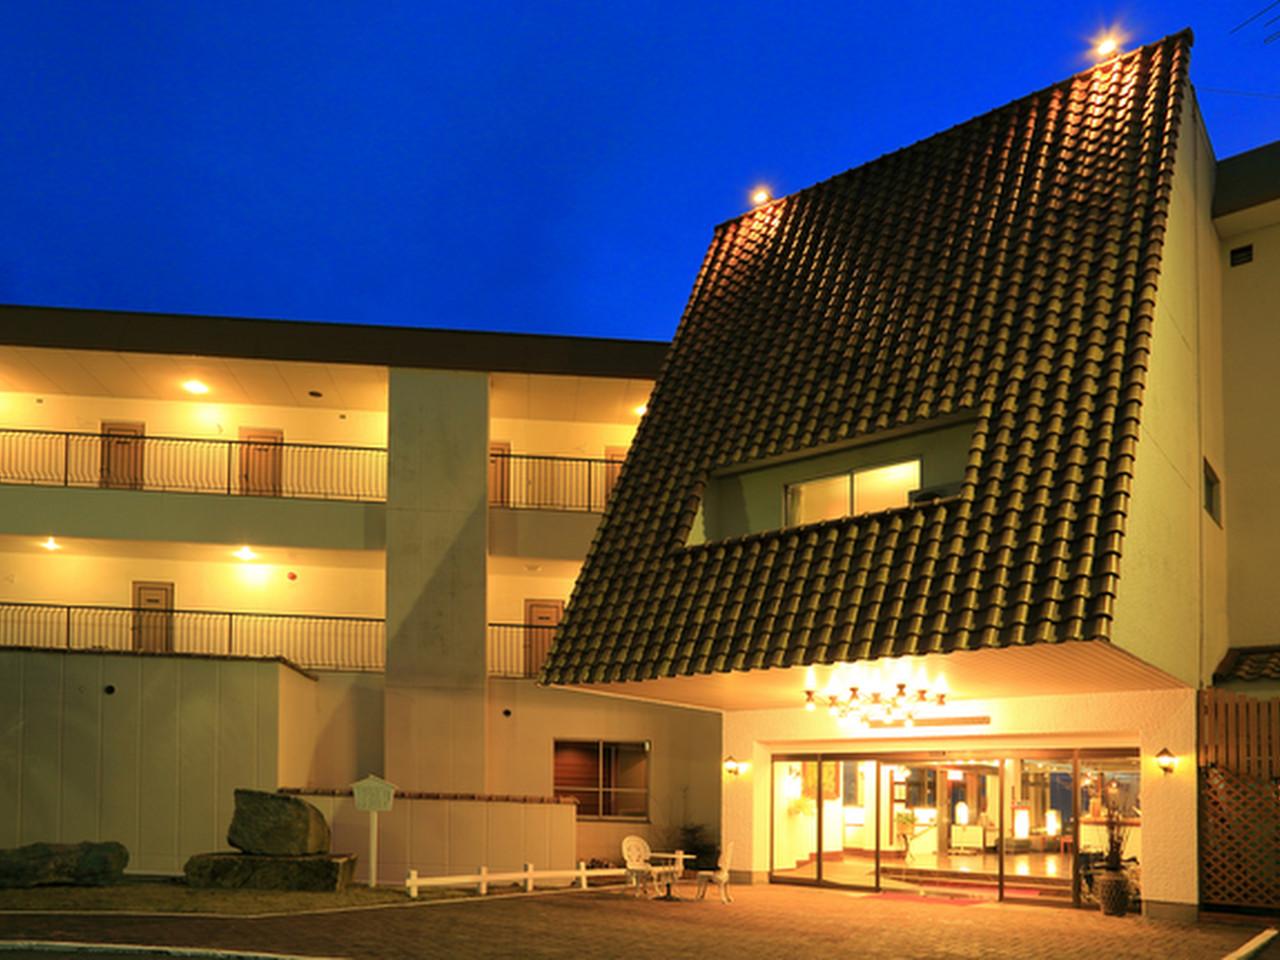 香川県小豆郡土庄町伊喜末2464 ホテルグリーンプラザ小豆島 -01